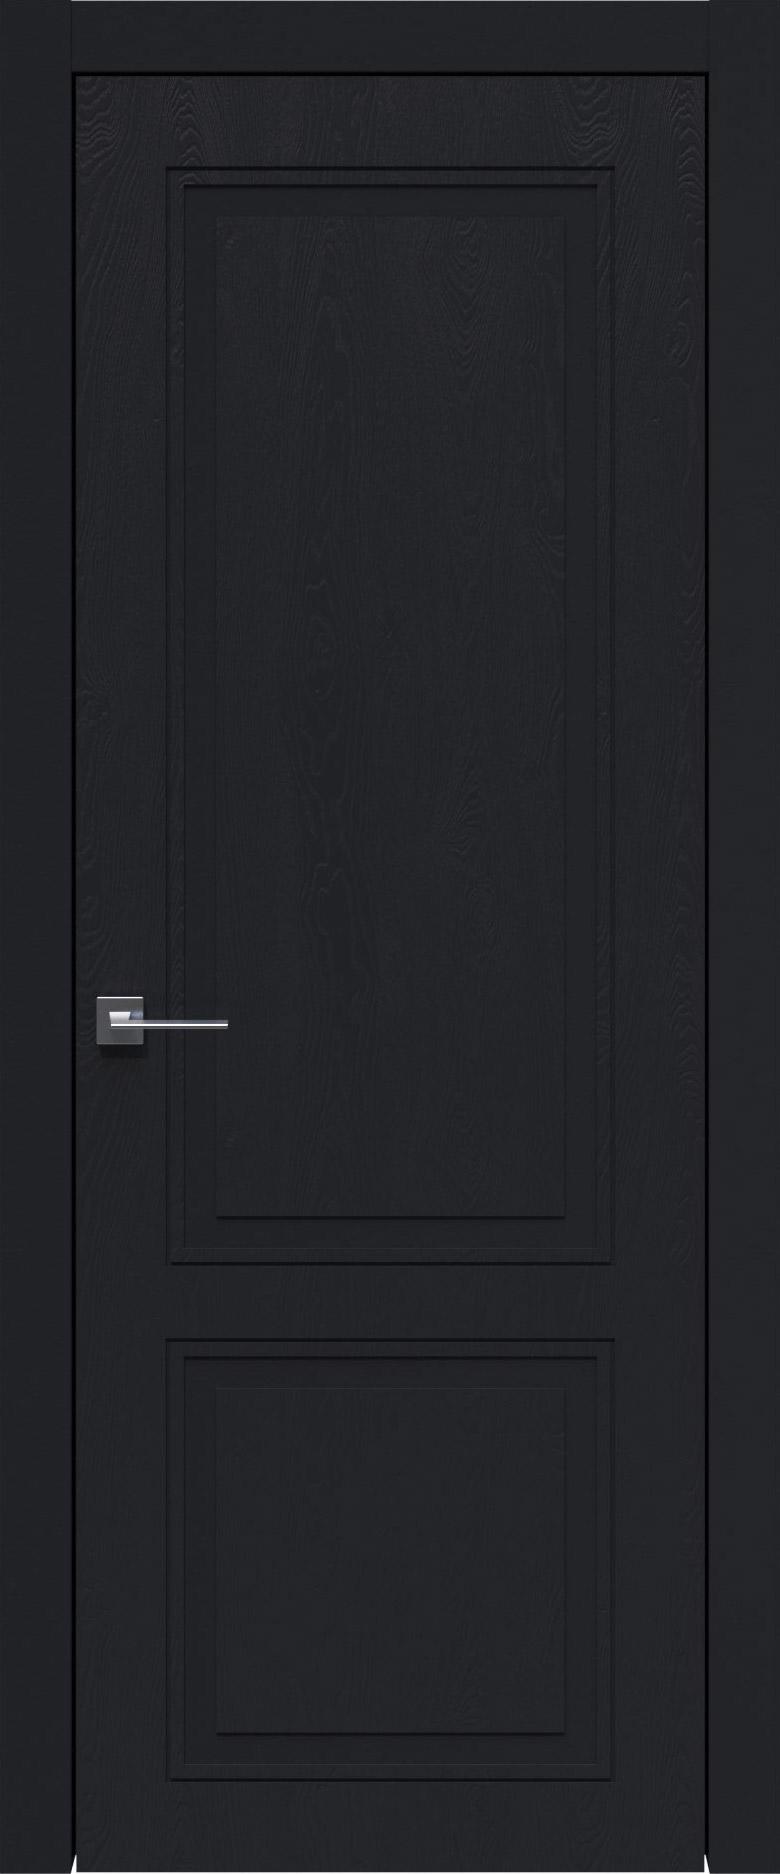 Dinastia Neo Classic цвет - Черная эмаль по шпону (RAL 9004) Без стекла (ДГ)